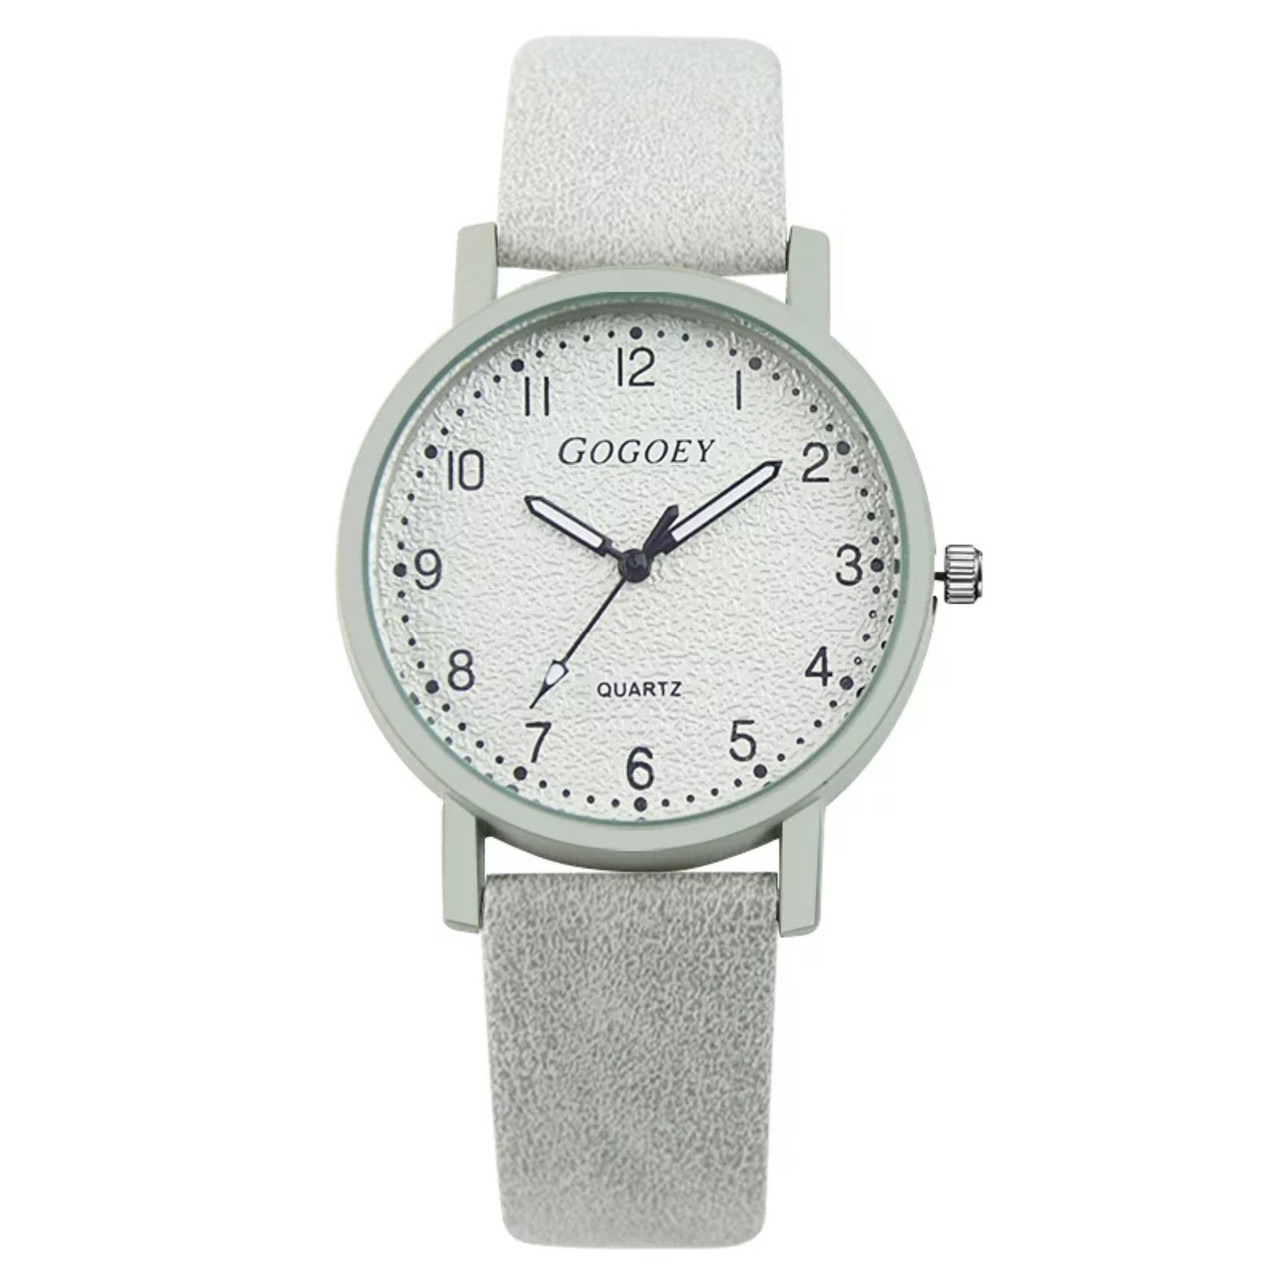 Годинники жіночі Gogoey дуже привабливі сірий колір